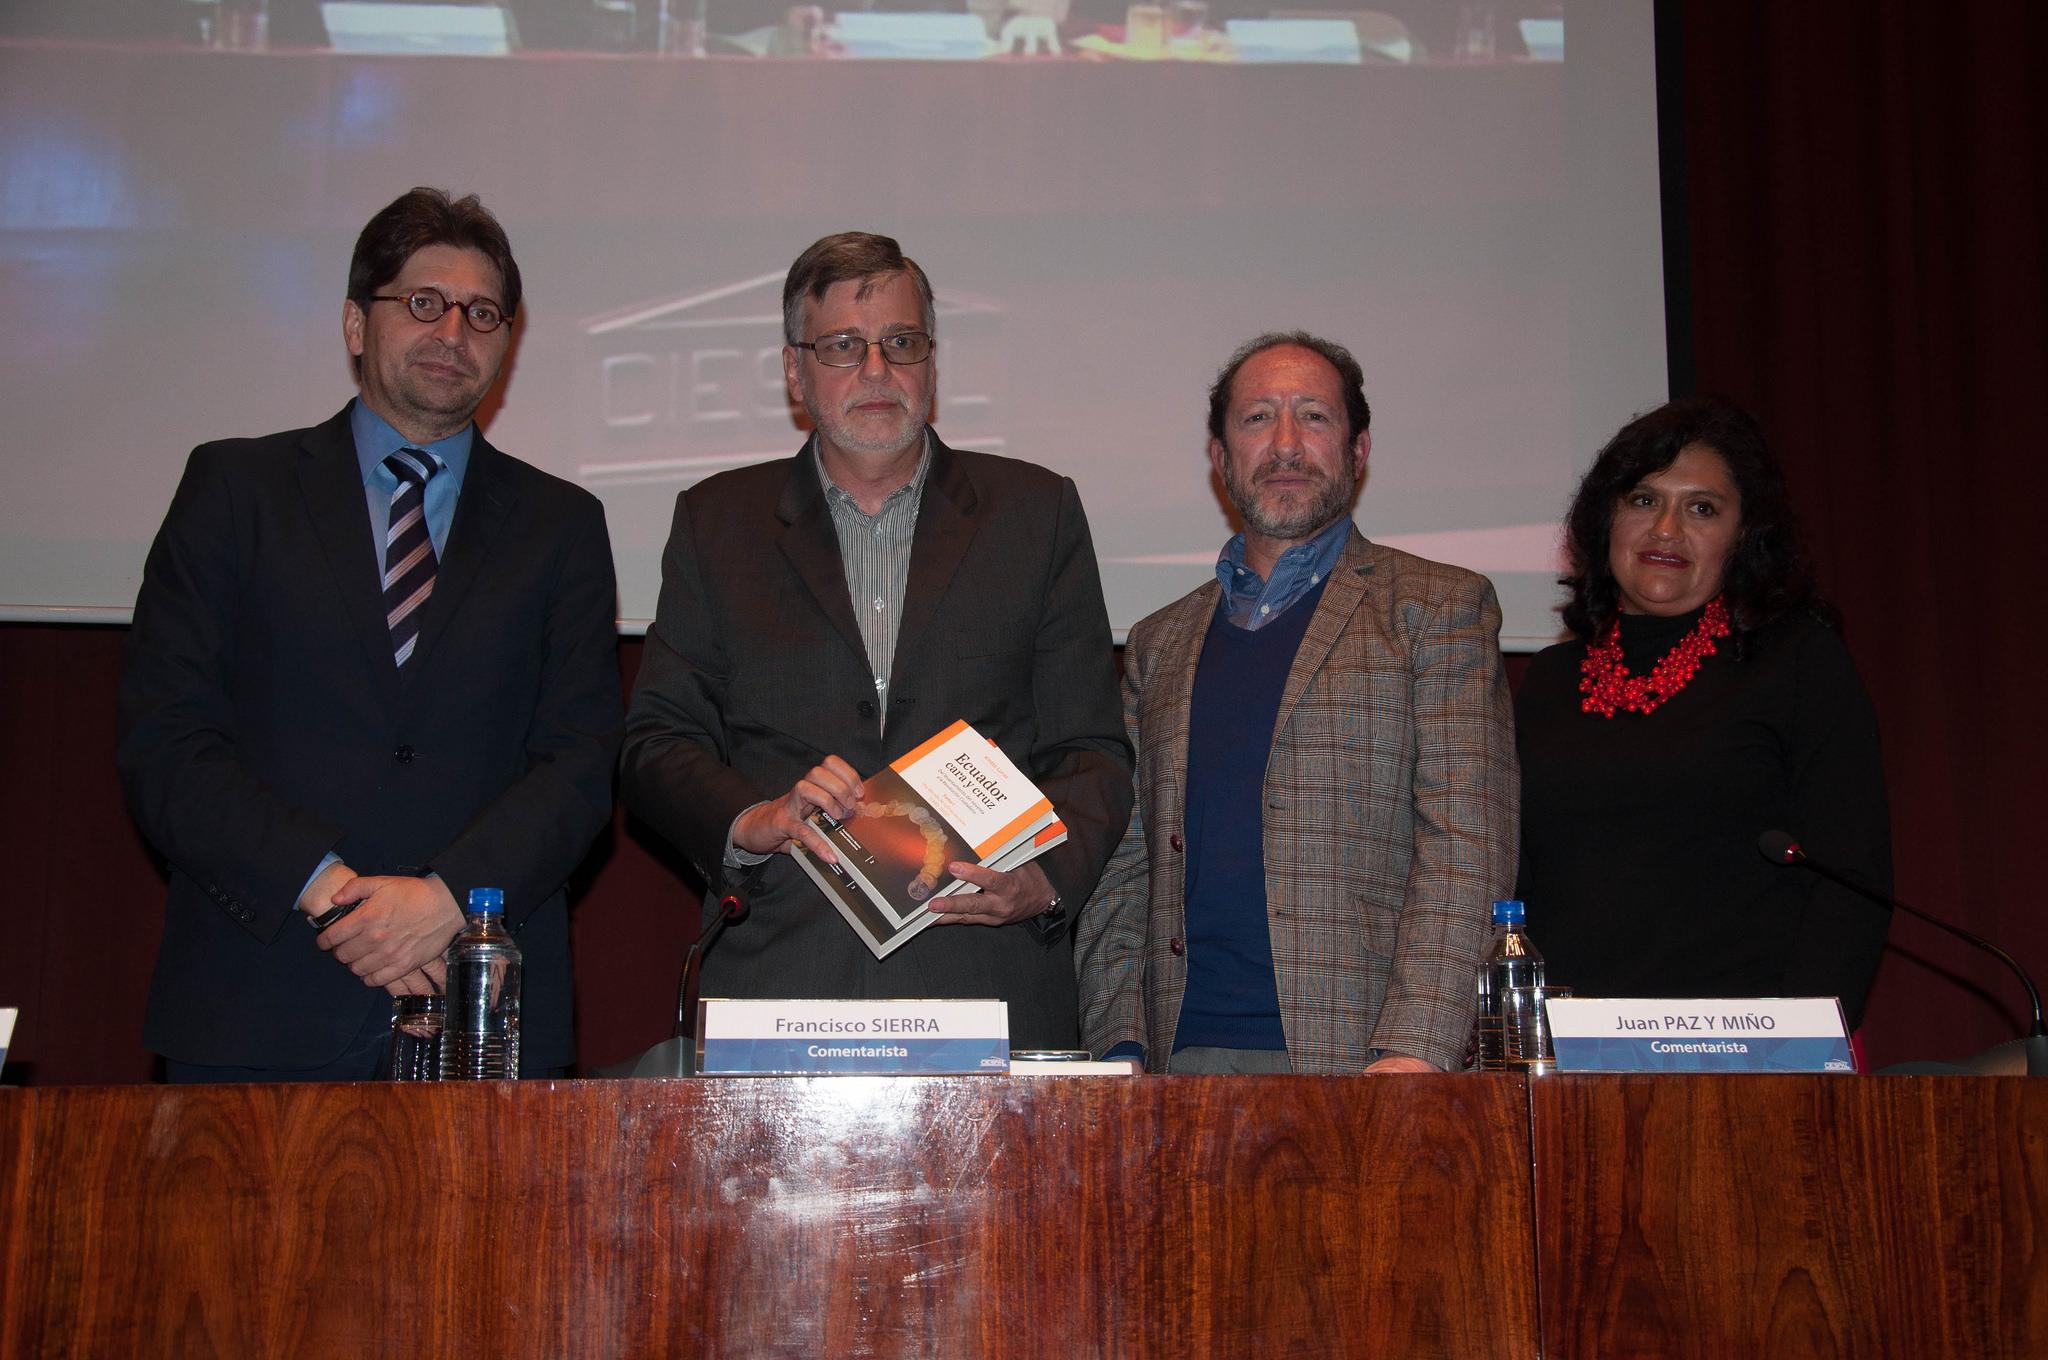 Ediciones CIESPAL presentó el libro de Kintto LUCAS que revive la historia reciente de Ecuador